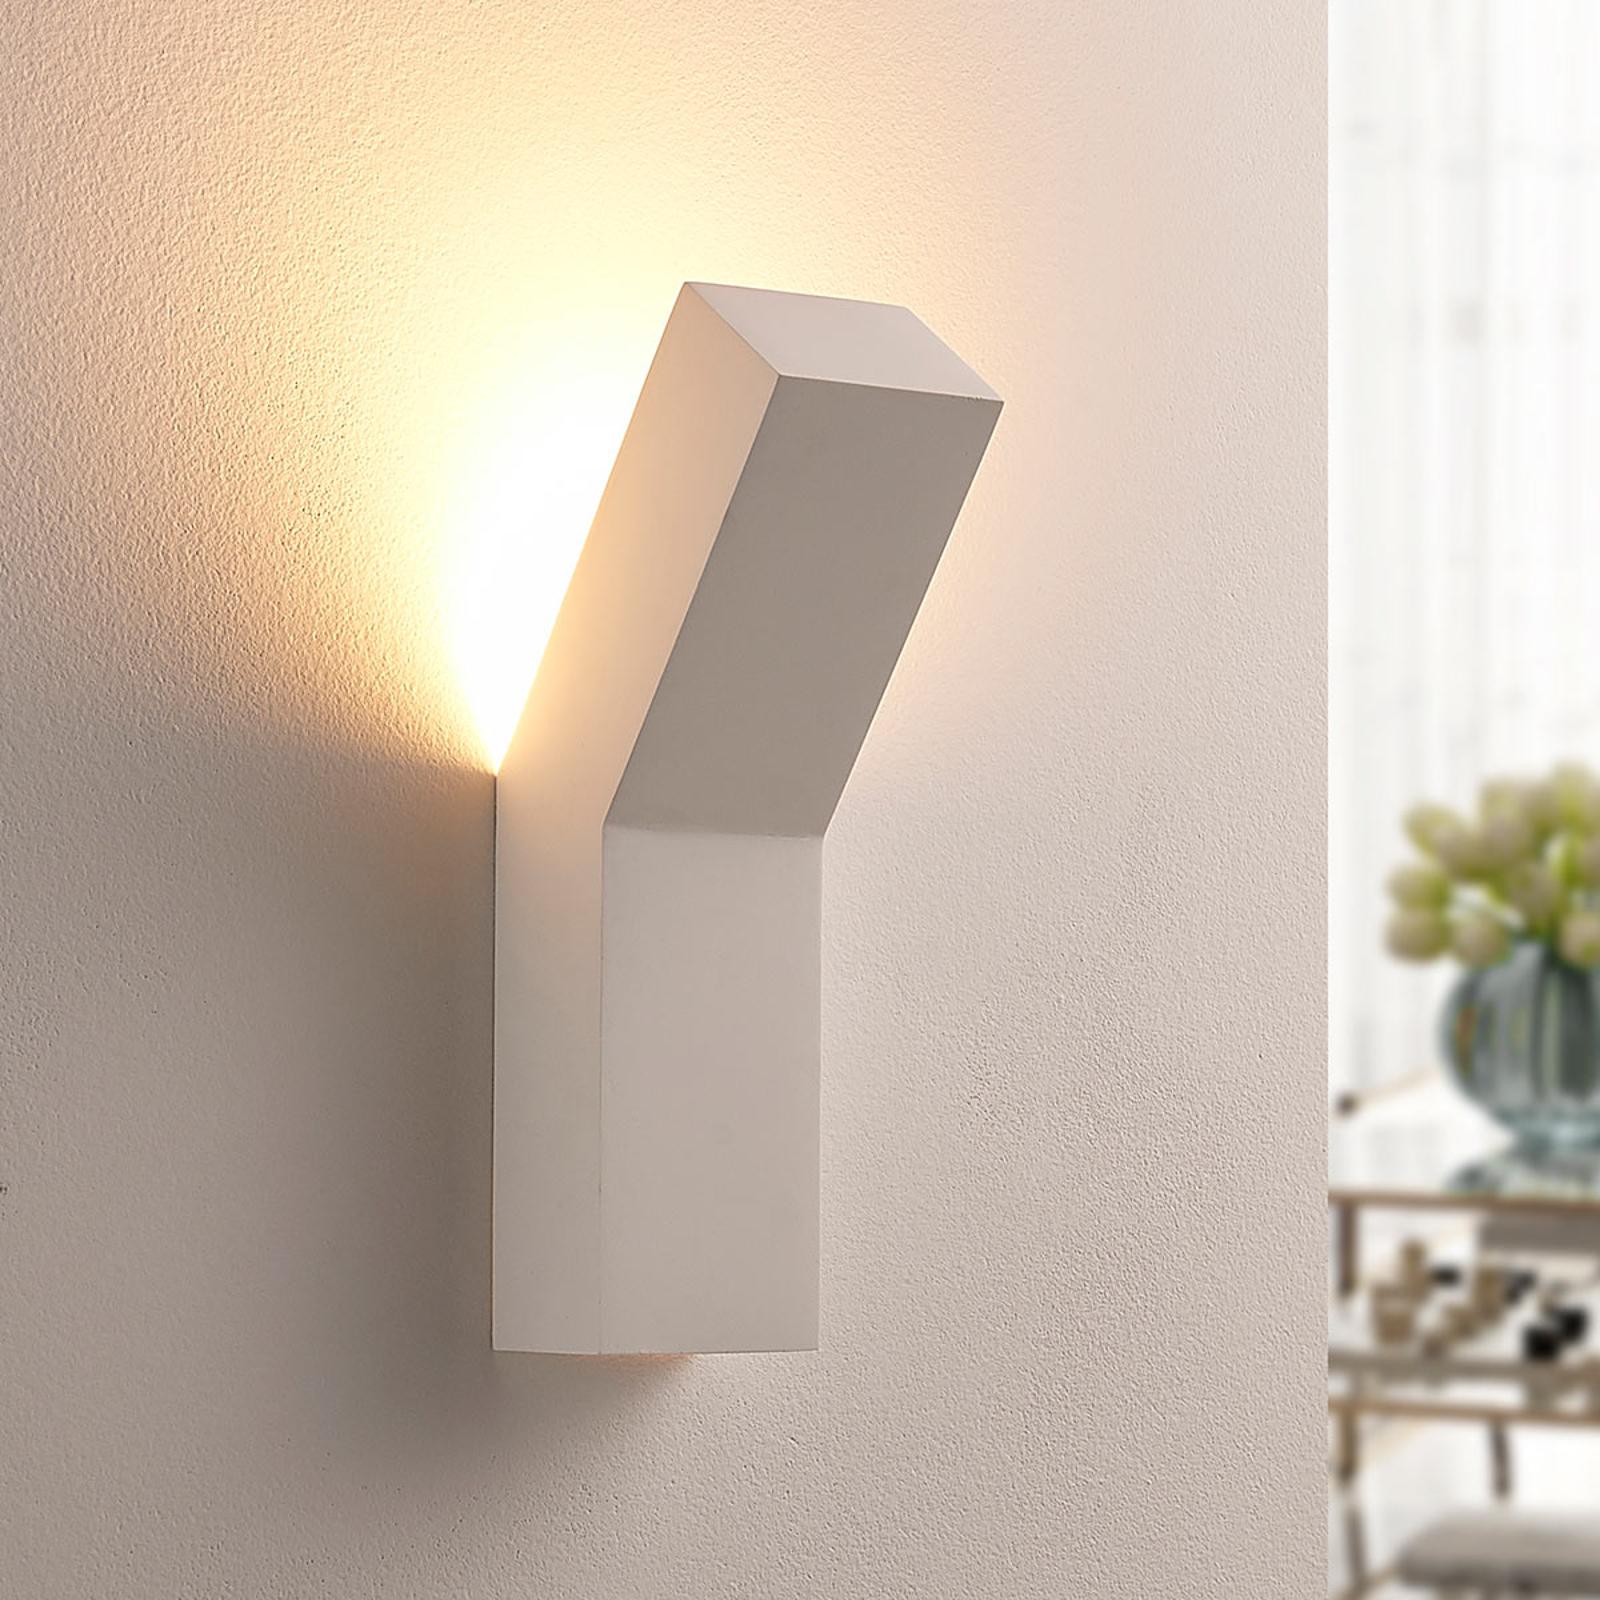 Moderner LED-Gips-Wandfluter Tida